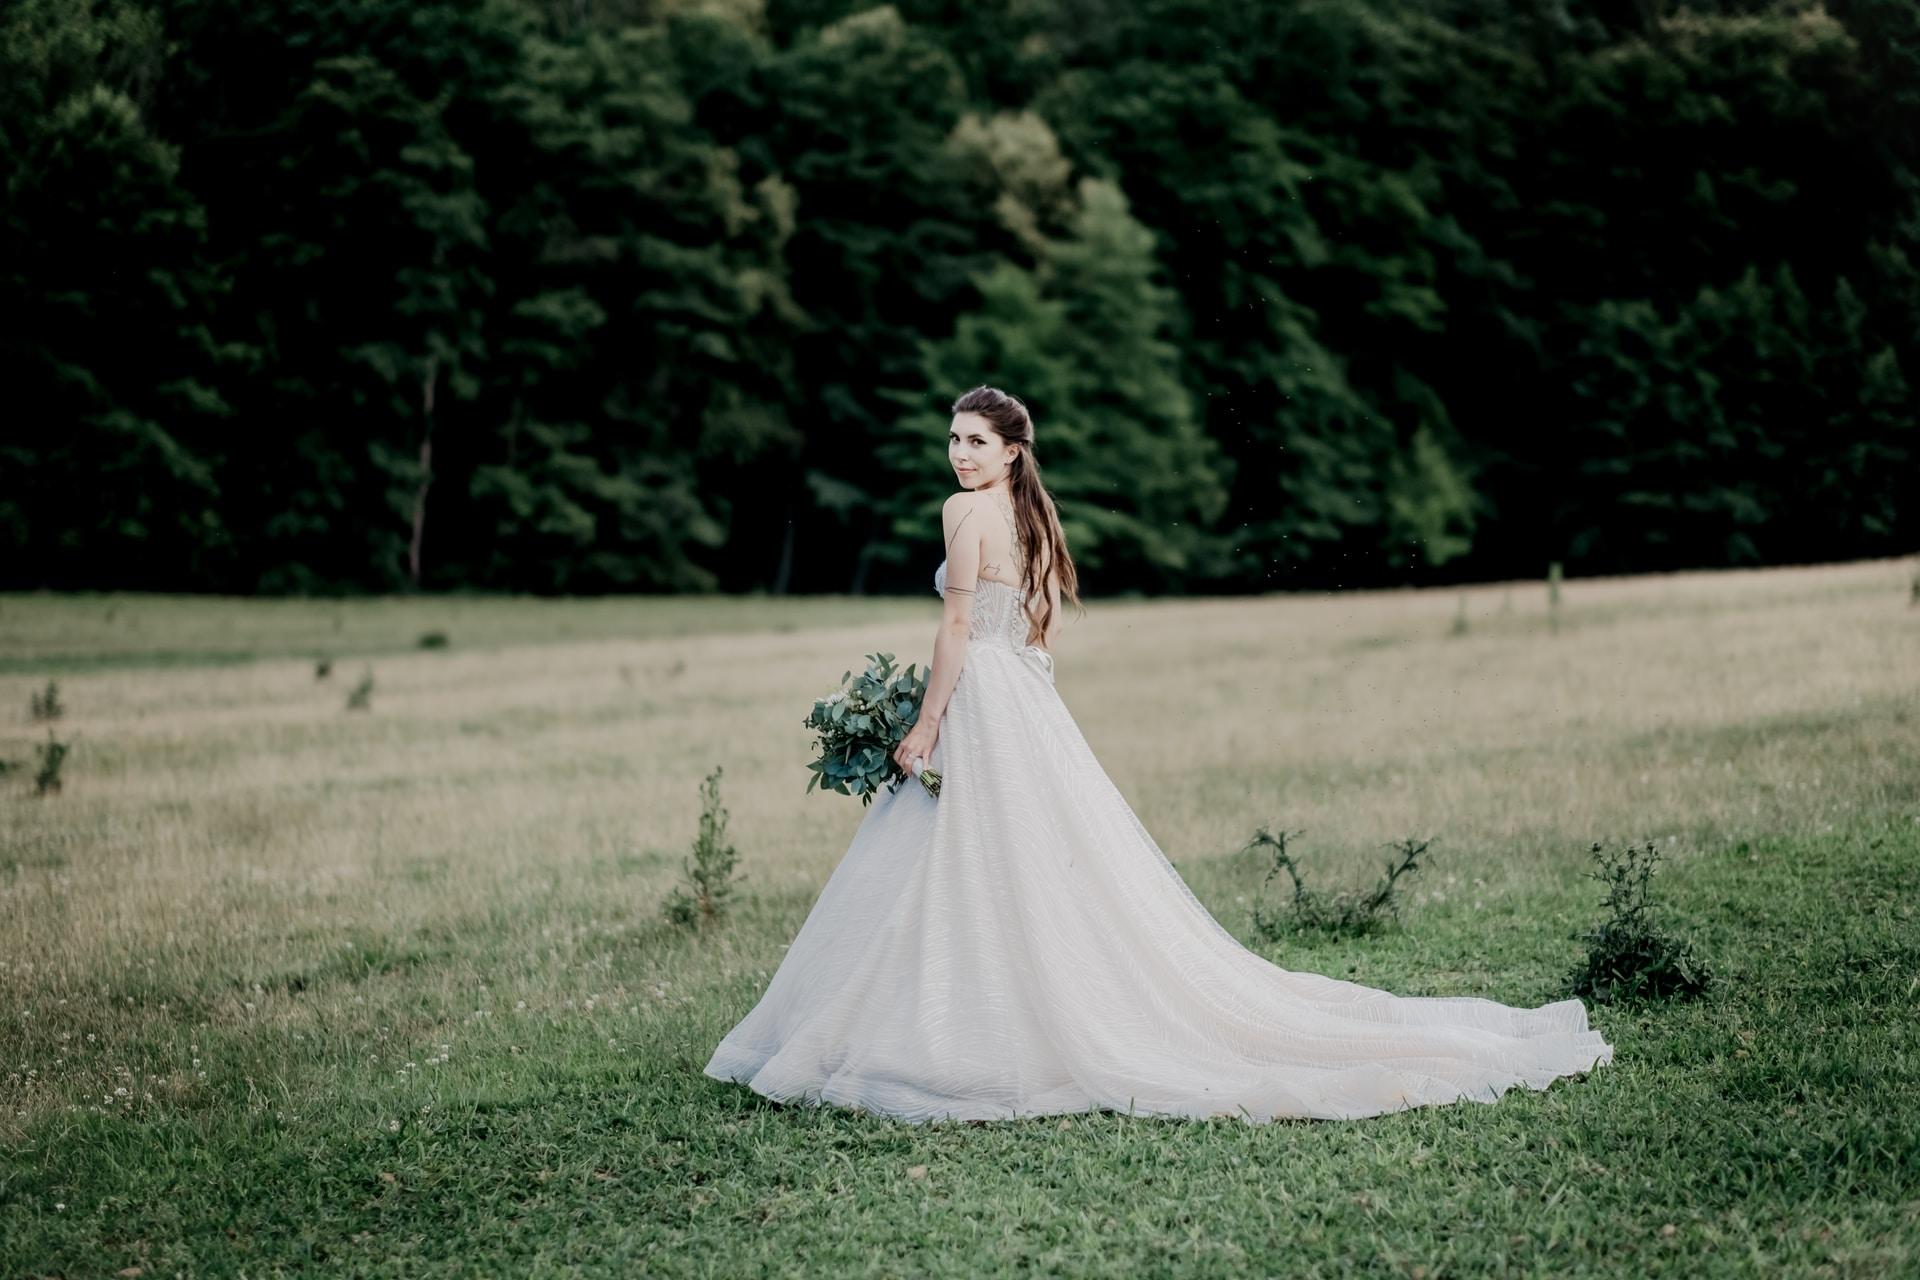 η μεγάλη μέρα έφτασε-γάμος